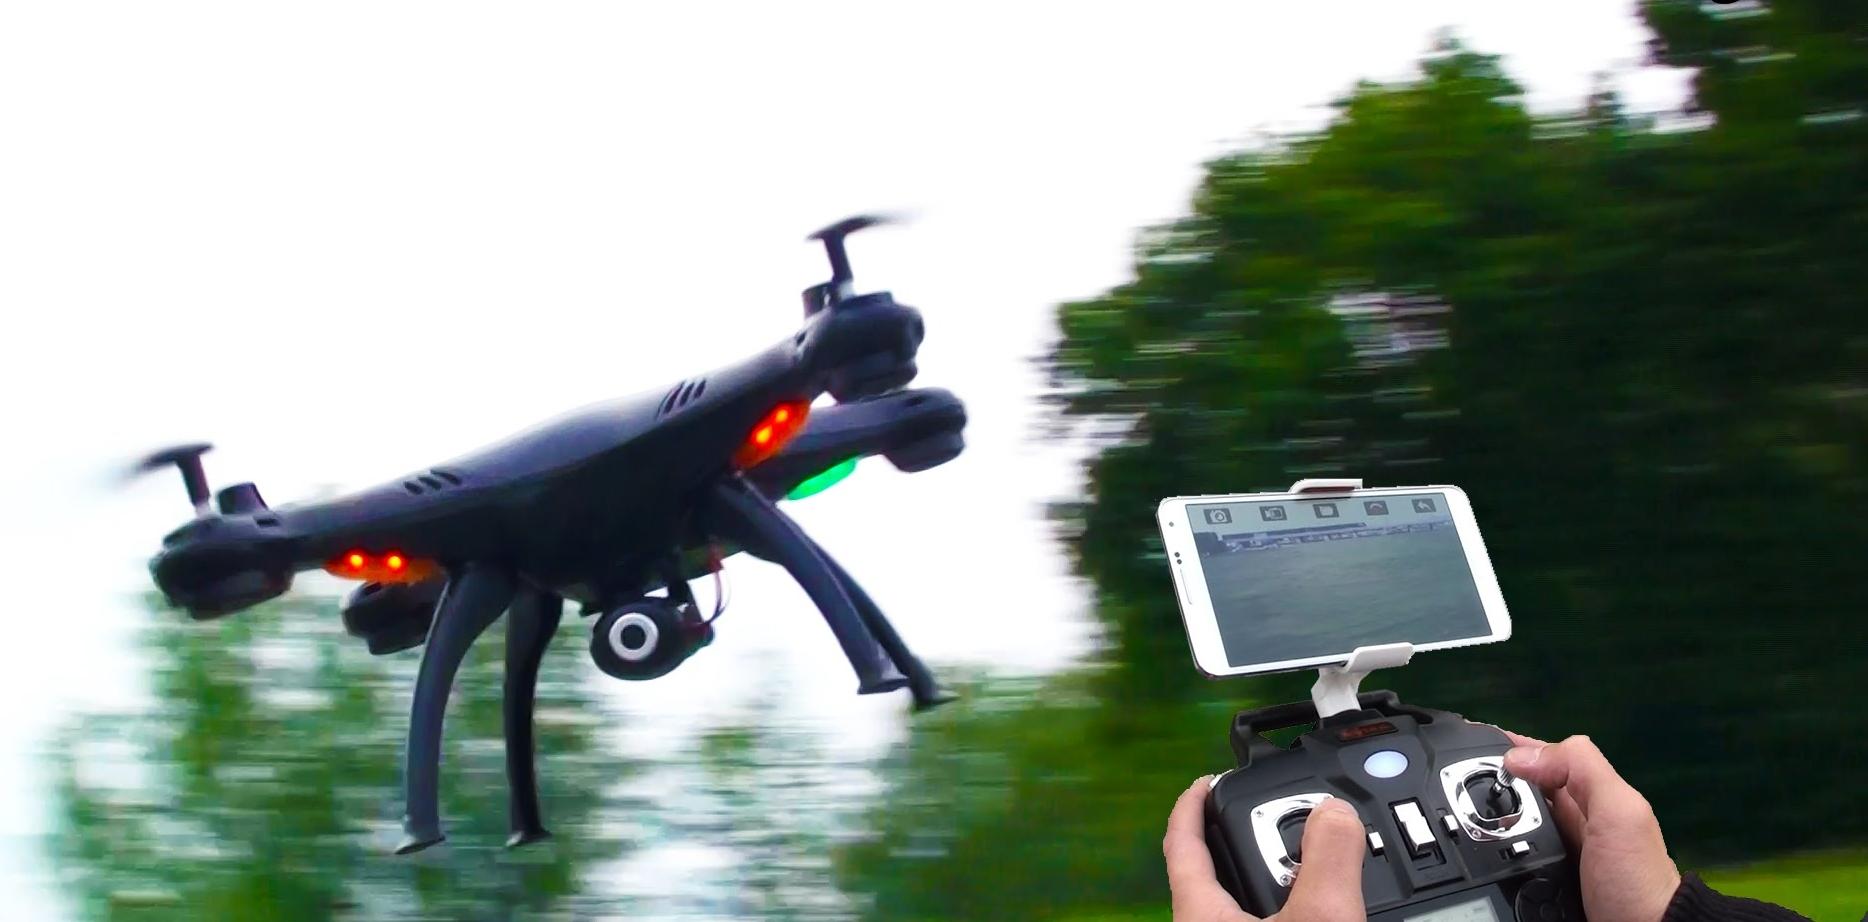 Обзор квадрокоптера syma x5sw c fpv камерой